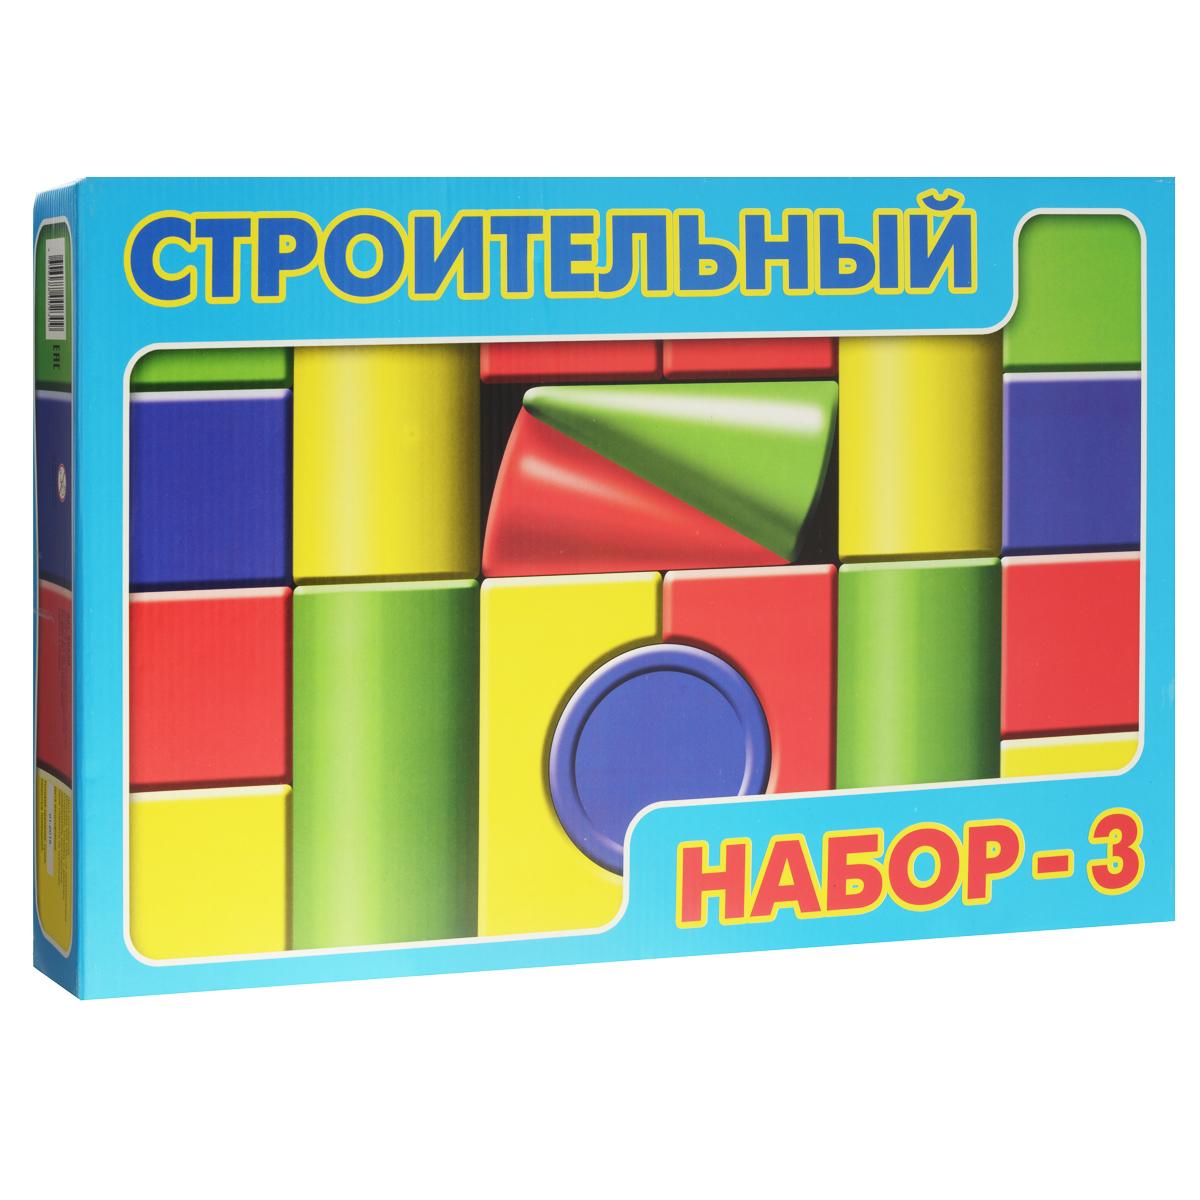 Строительный набор Десятое королевство, №3, 19 элементов00230Строительный набор Десятое королевство, №3 - это набор геометрических фигур из выдувного пластика - великолепное пособие детям от трех лет для начала обучению дома и в дошкольных учреждениях цветам, формам и первым навыкам конструирования. Набор состоит из 10 кубиков, 2 конусов, 2 арок, 4 цилиндров и 1 полуцилиндра. Благодаря легким, но в то же время прочным элементам, не подвергающимся деформации при использовании, можно построить всевозможные замки, города и другие конструкции. Элементы конструктора выполнены из безопасного пластика, внутри полые и потому наименее травмоопасны для совсем маленьких строителей. Детям очень нравятся громадные комплексы городов и крепостей, которые легко разбираются и также быстро строятся из прочных устойчивых кубиков и цилиндров. Набор развивает творческие способности, логическое и пространственное мышление.